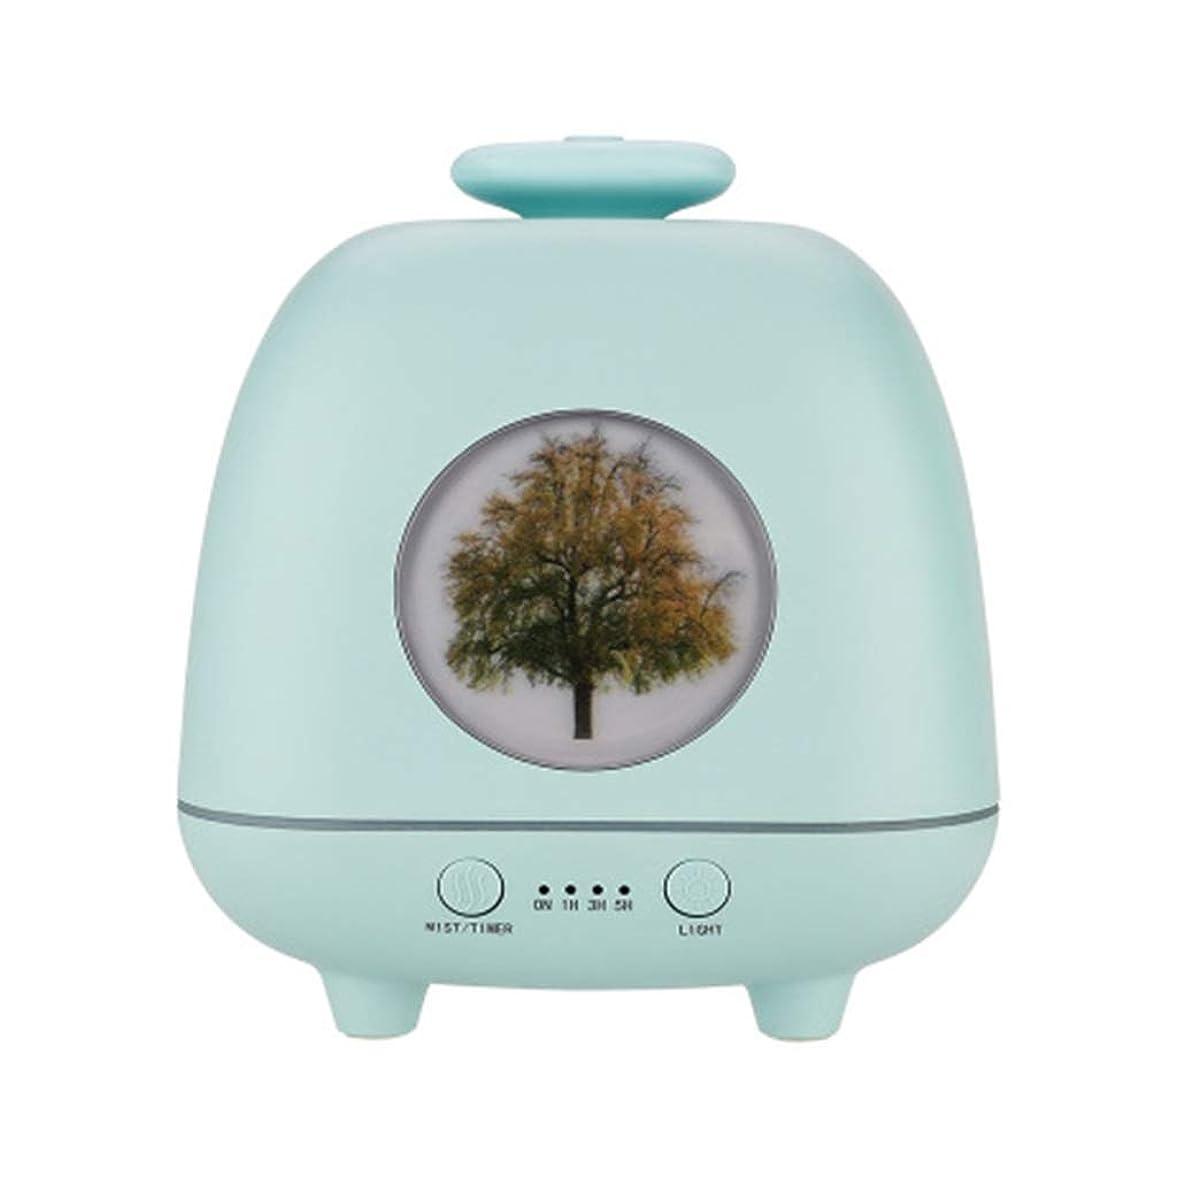 スキニー農場これら超音波ホームデスクトップクリエイティブ雰囲気ナイトライト加湿器寝室の赤ちゃん女性の家の装飾 (Color : Green)